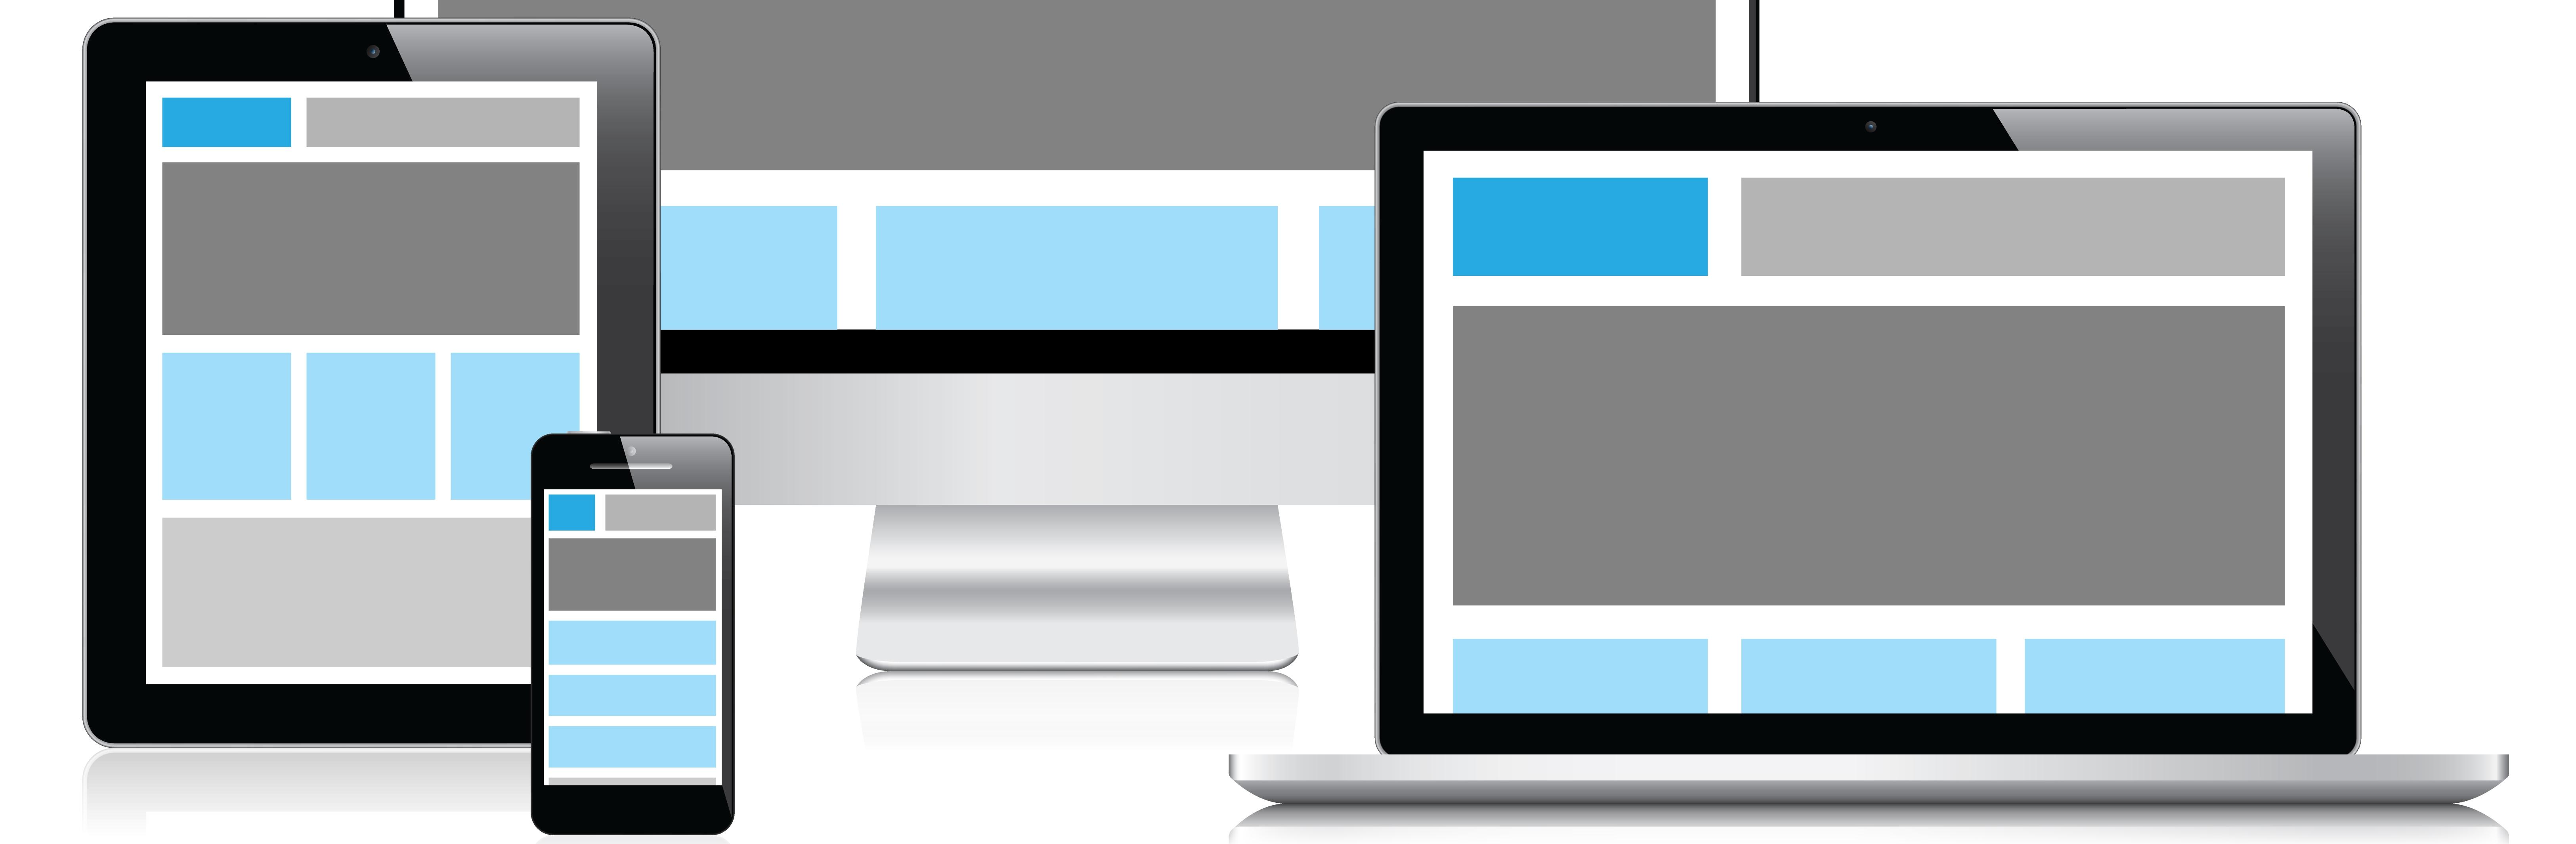 L'importance du Responsive Web Design [Infography]